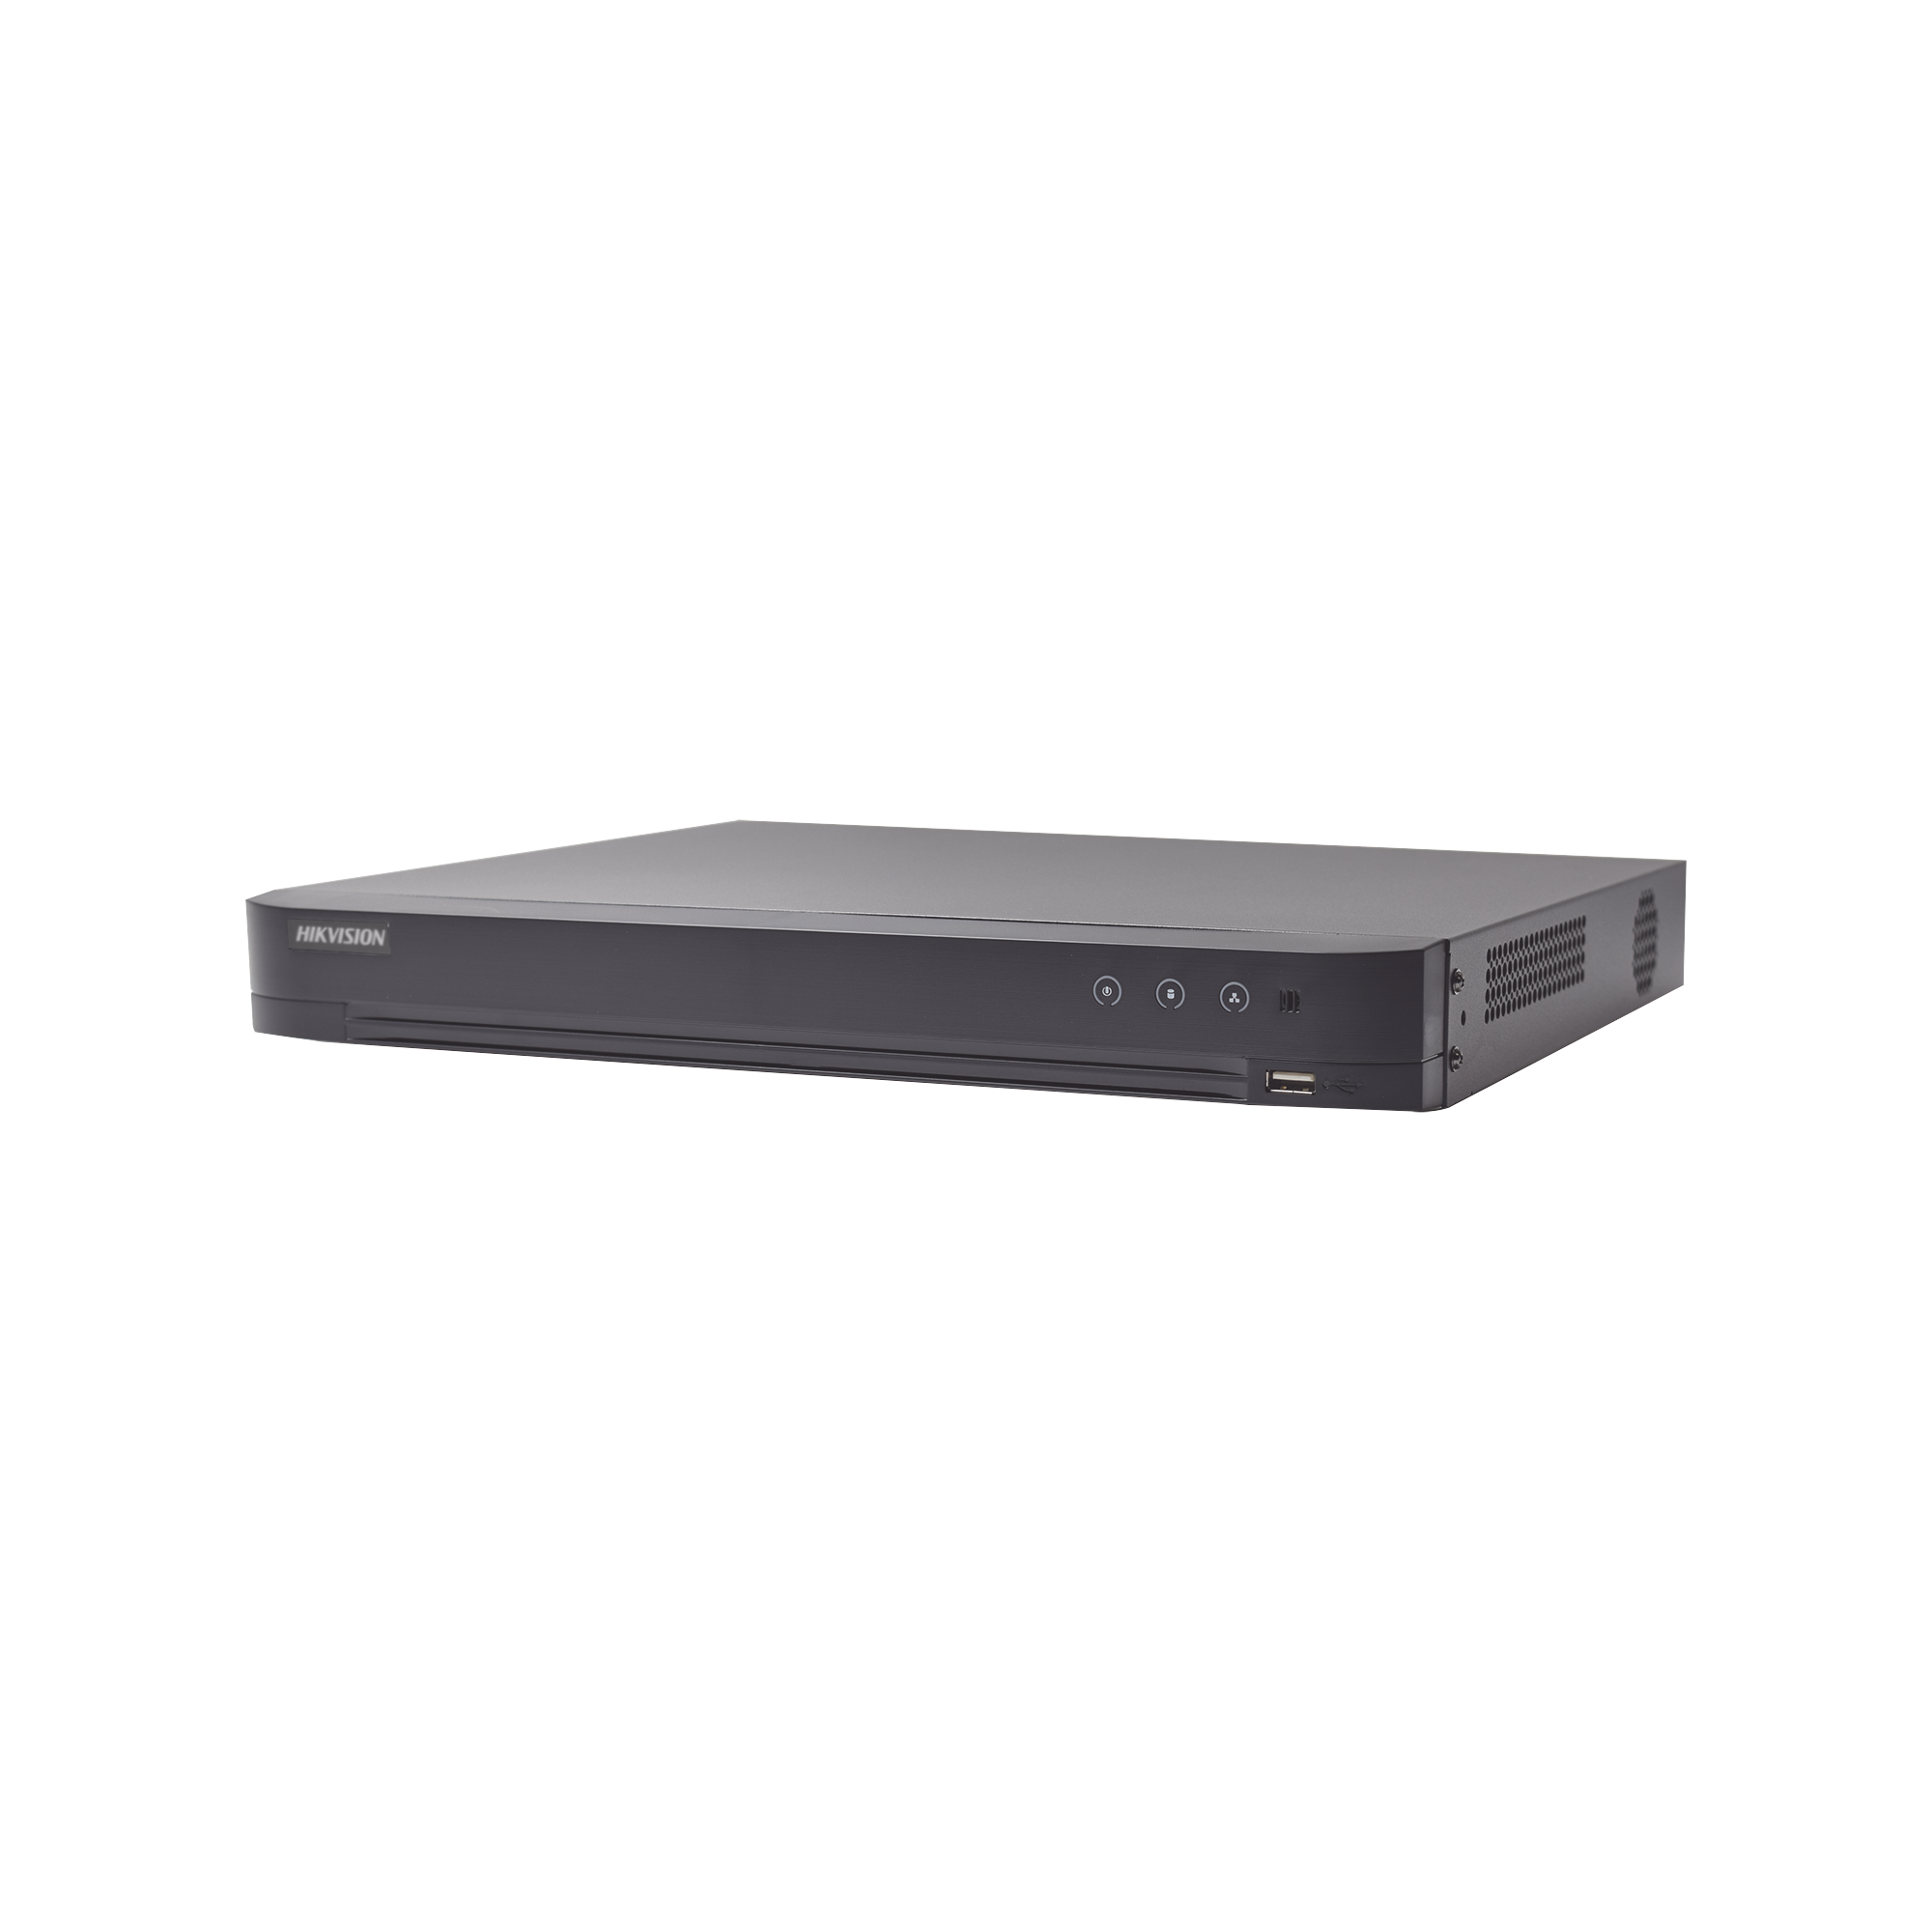 (ACUSENSE / Evita Falsas Alarmas) DVR 4 Megapixel / 8 Canales TURBOHD + 4 Canales IP / Detección de Rostros / 1 Bahía de Disco Duro / 8 Canales de Audio